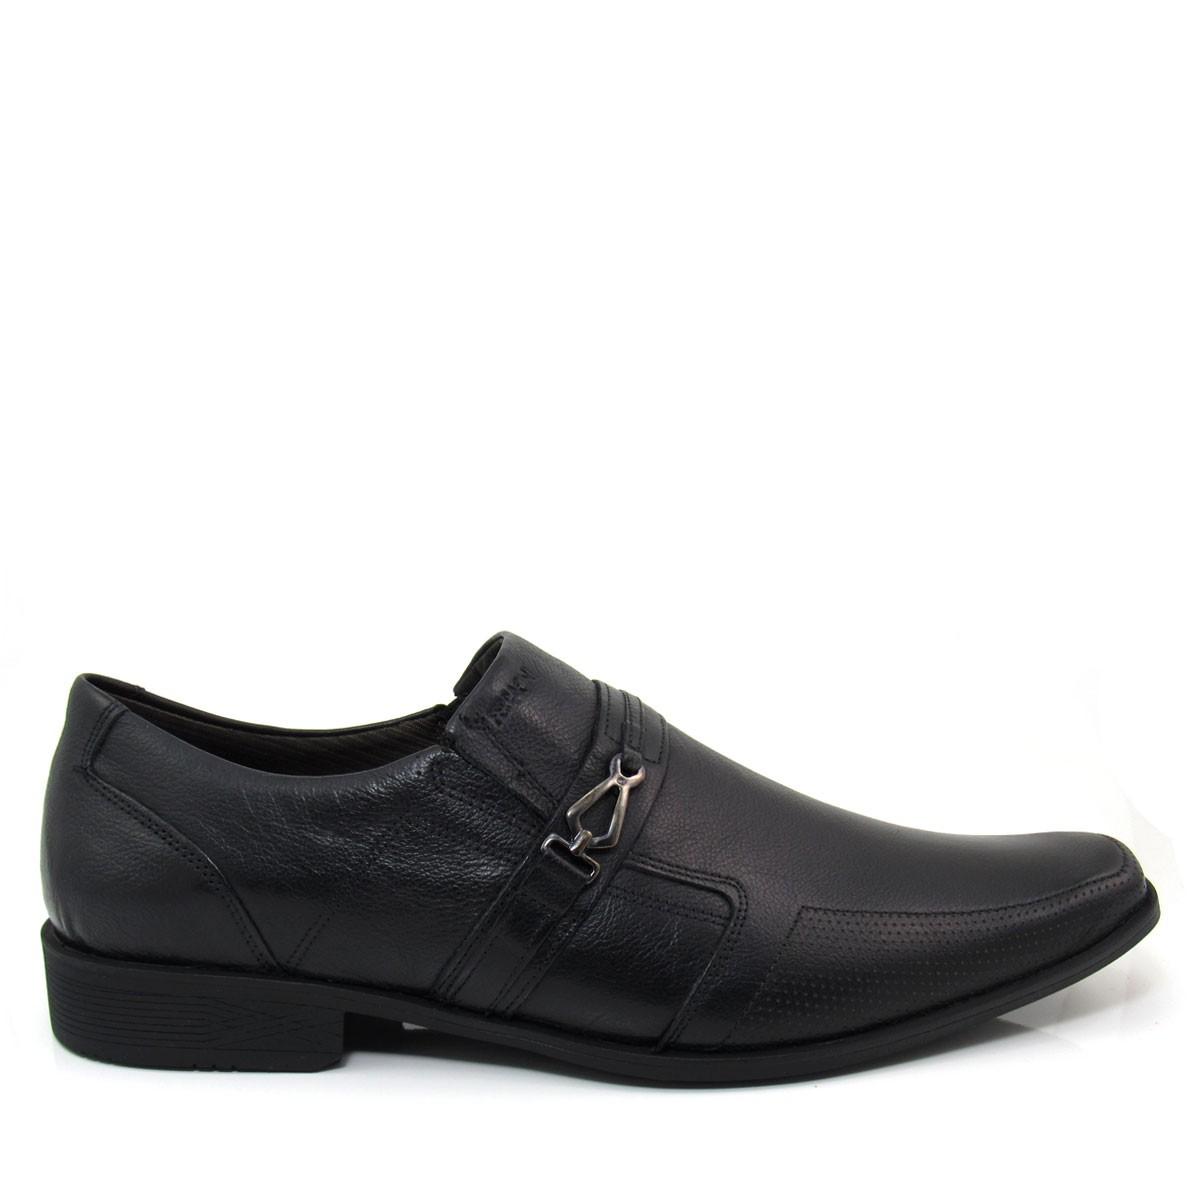 5908052cf7 Sapato Social Masculino em Couro Ferracini 5062223 Coleção 2018